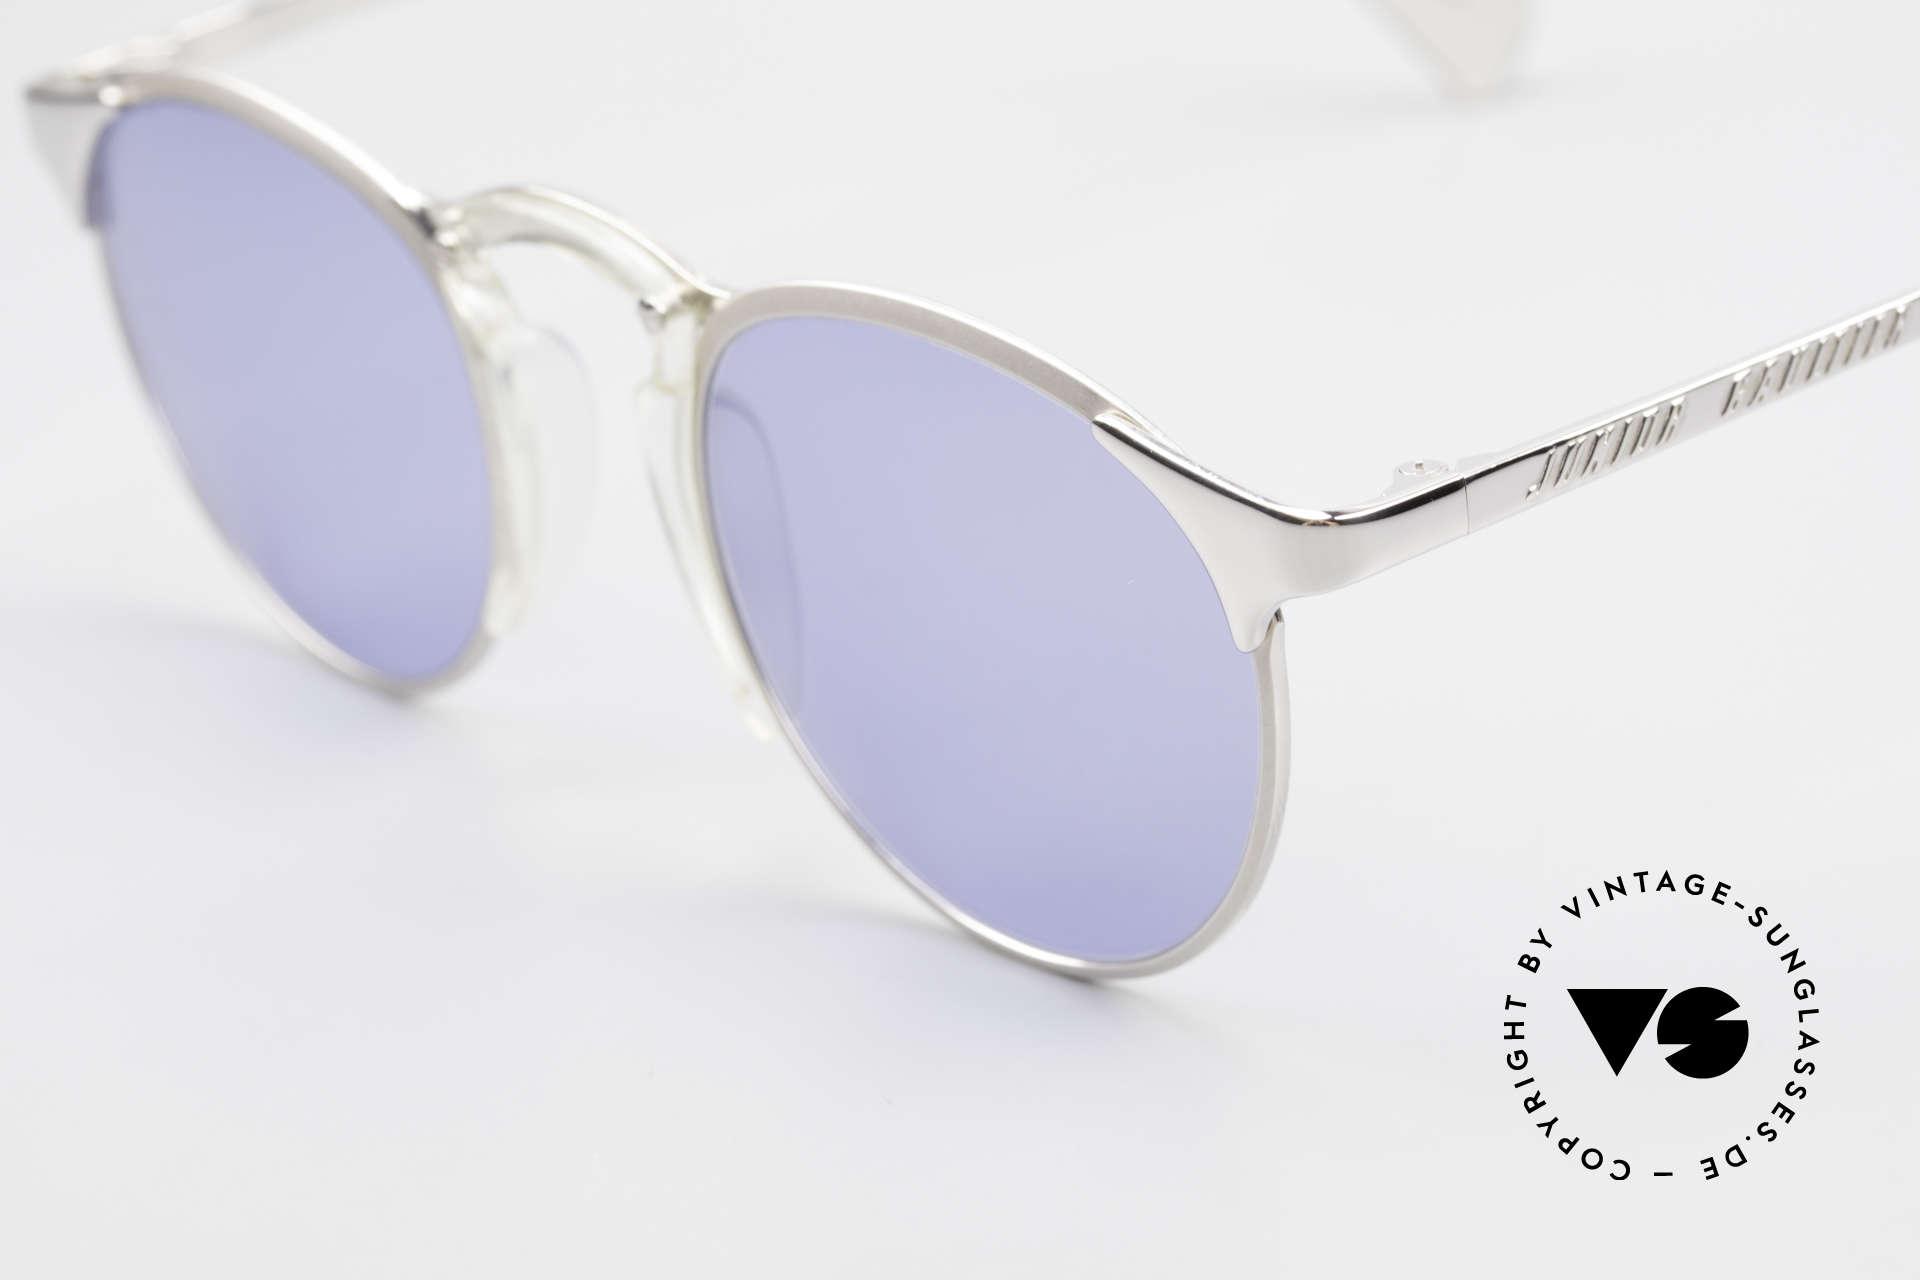 Jean Paul Gaultier 57-0174 Rare 90er Panto Sonnenbrille, unbenutzt (wie alle unsere JPG Sonnenbrillen), Passend für Herren